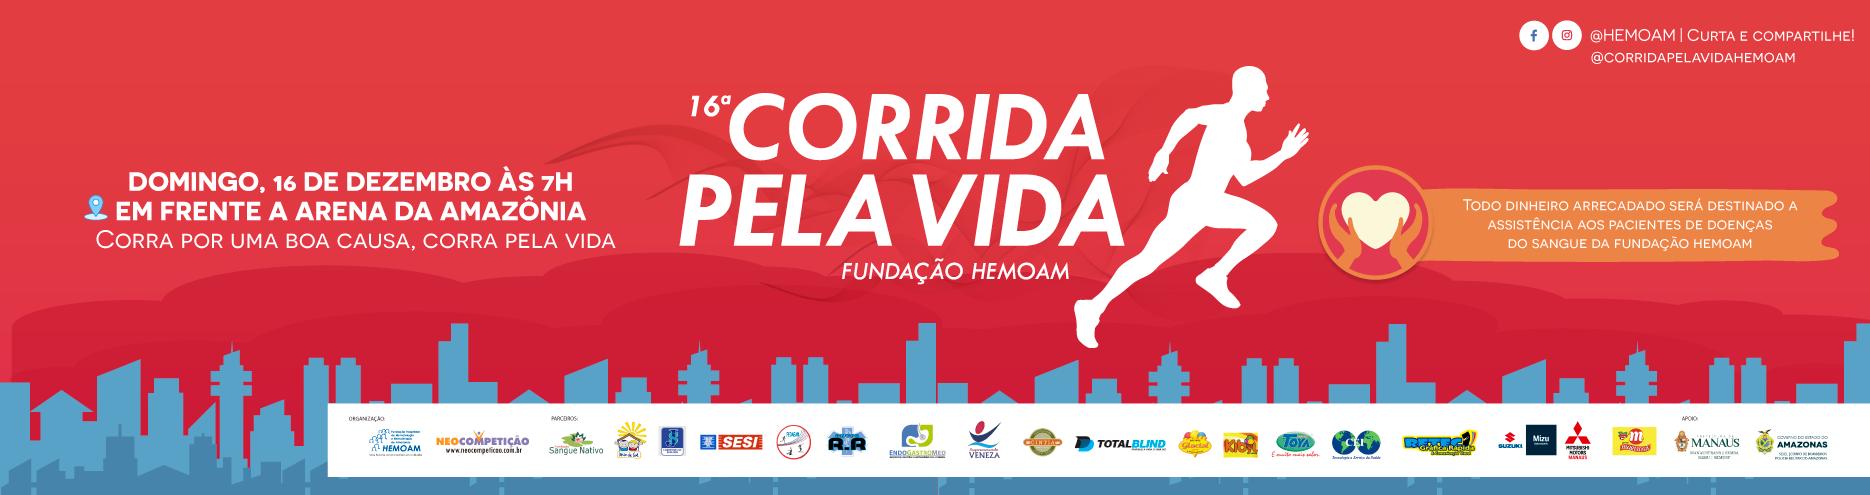 16ª CORRIDA PELA VIDA - HEMOAM - Imagem de topo